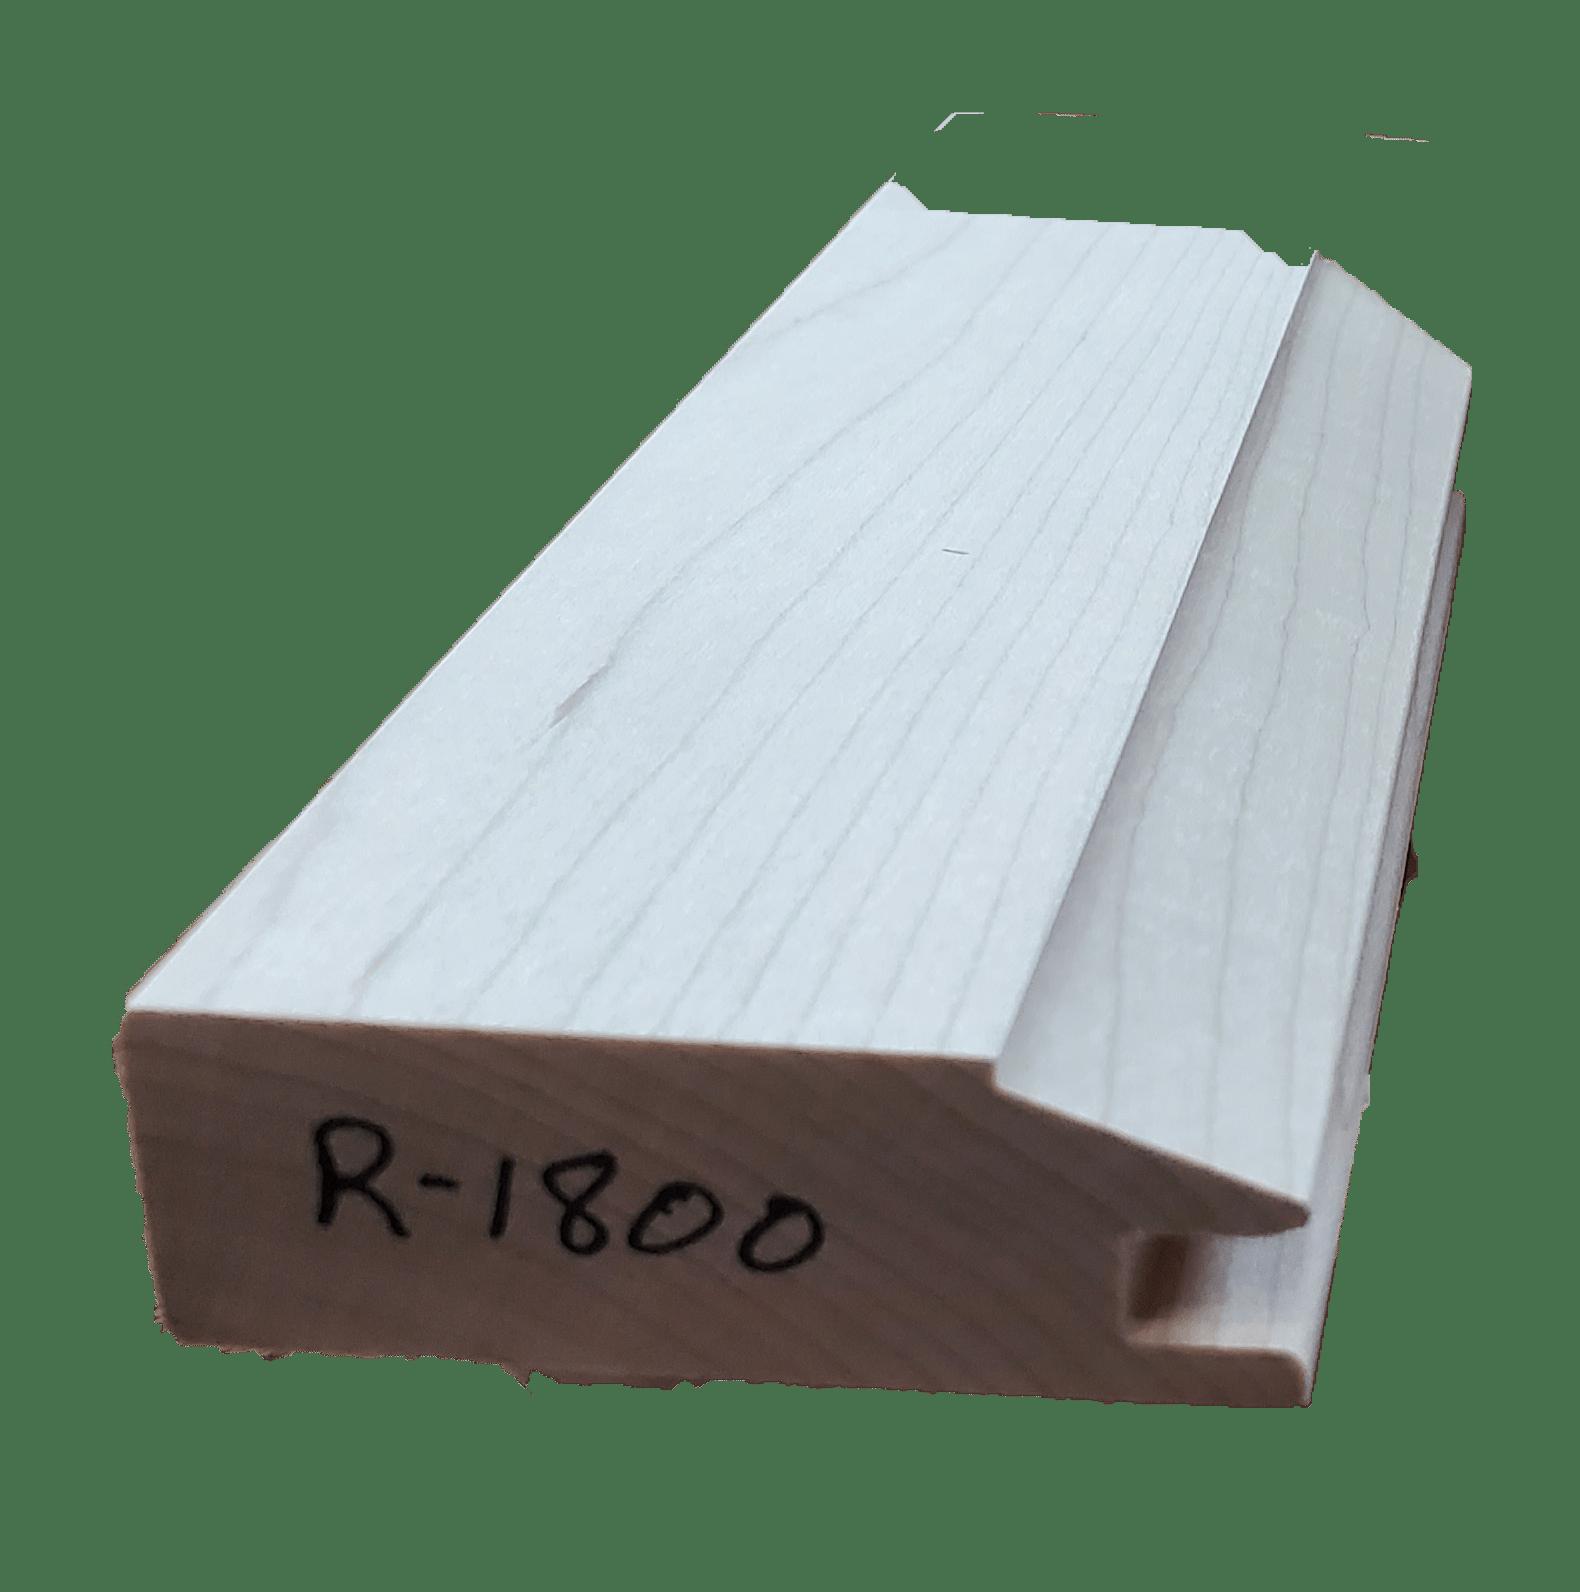 P R 1800